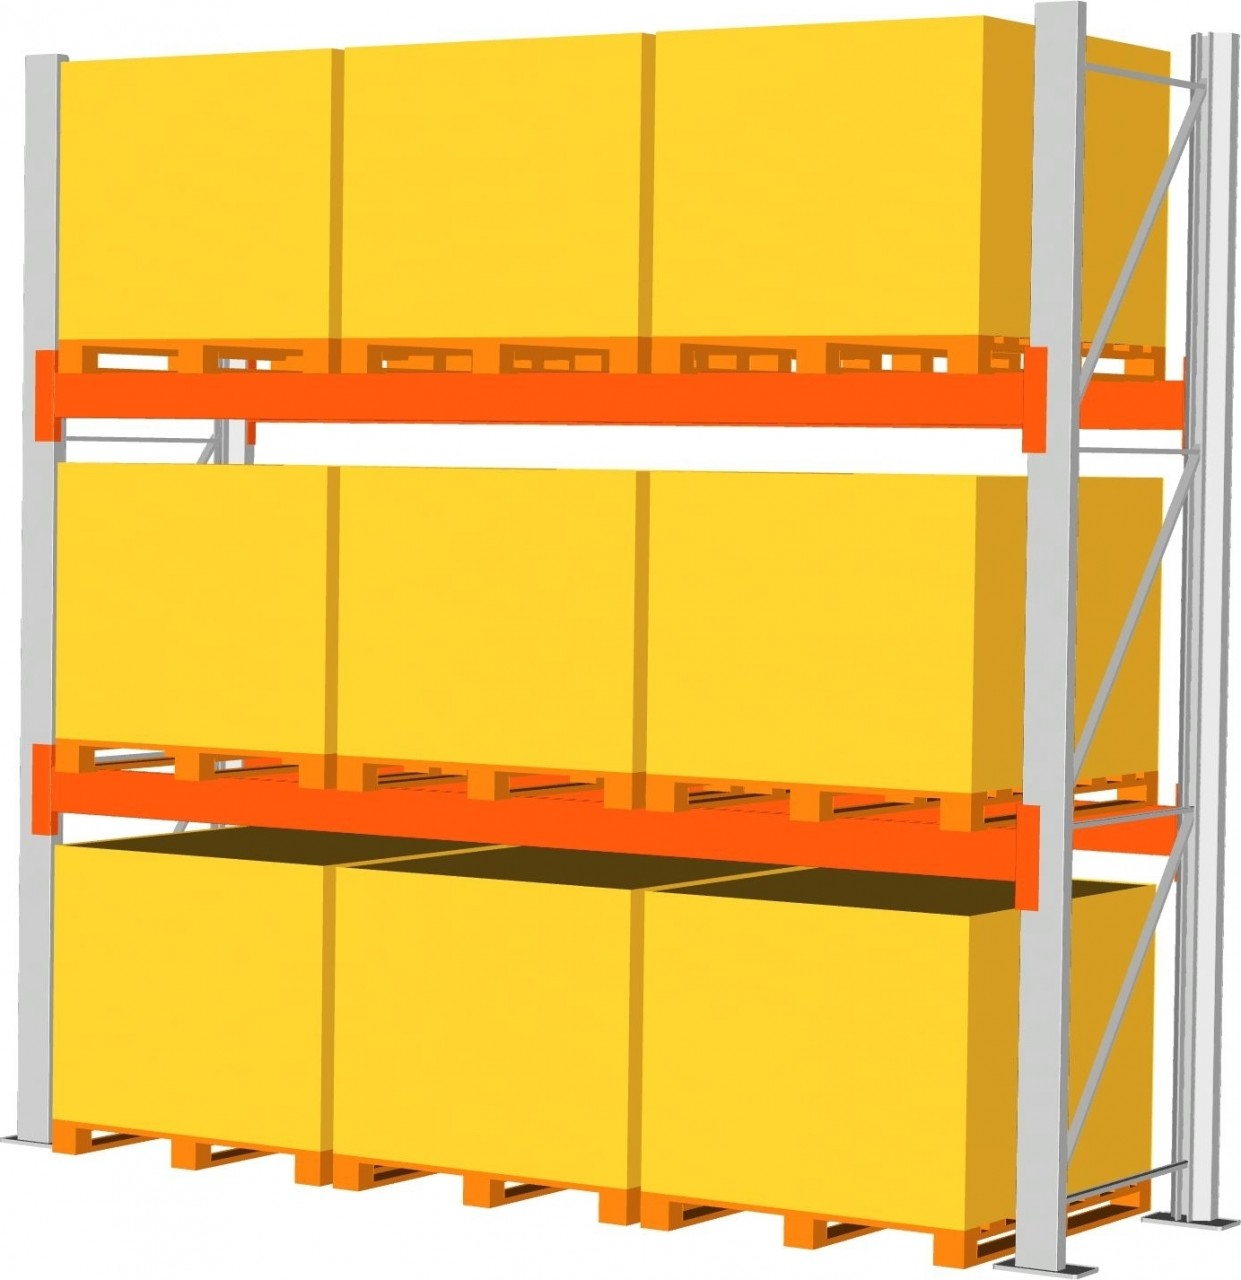 Grundregal META MULTIPAL, bis 9 Paletten a 1000 kg, HxT 4400x1100 mm, 2 Trägerpaare